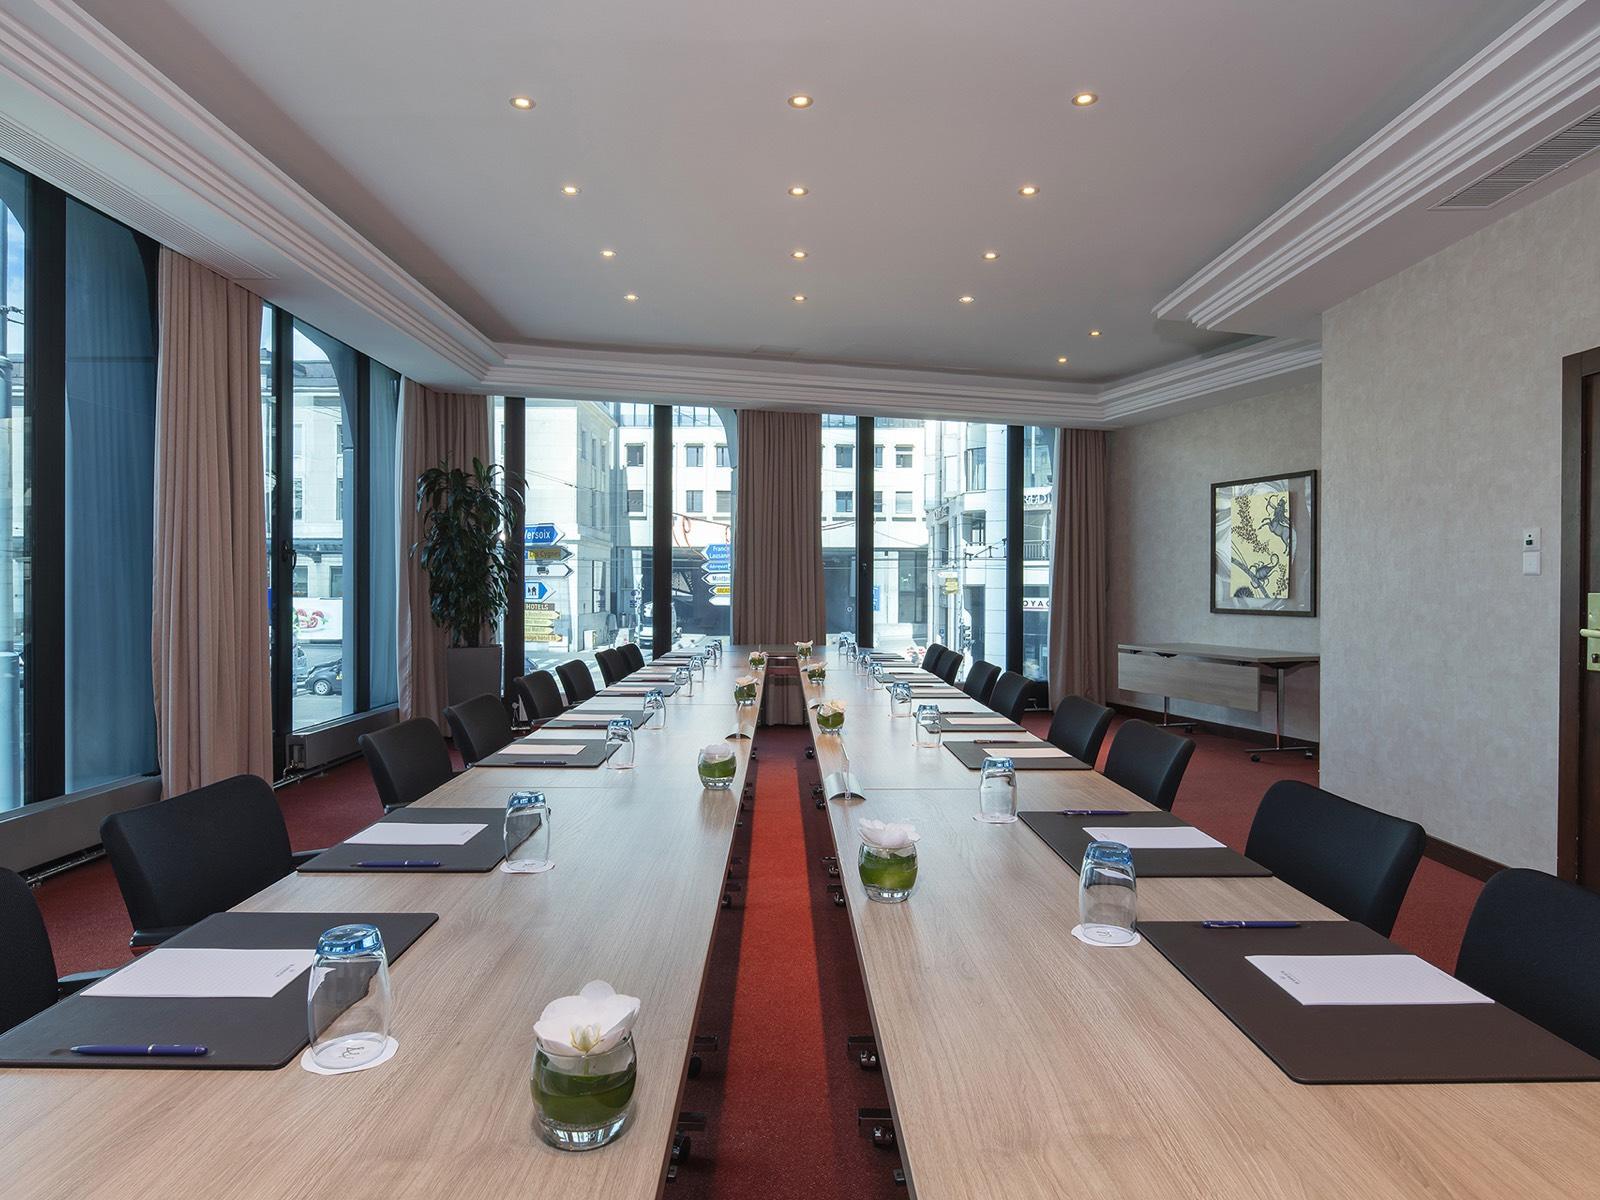 Meeting Room Rigi and Cervin